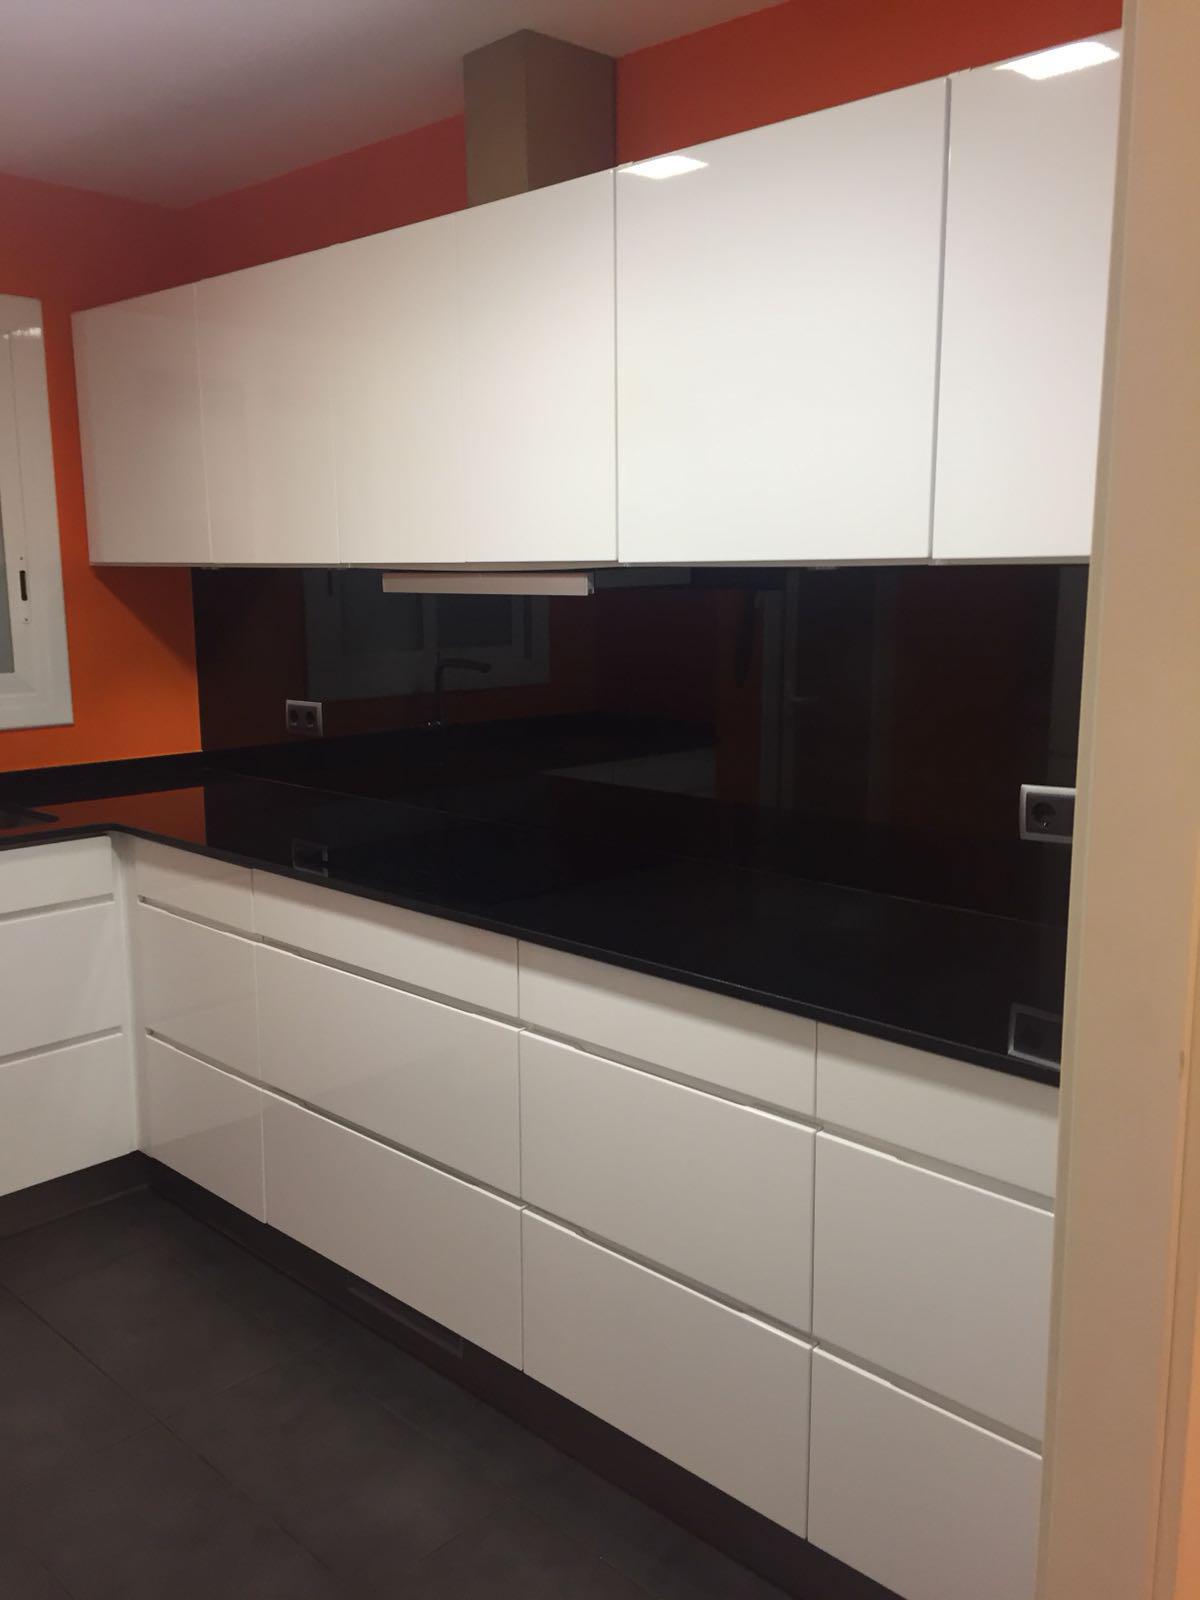 206249 Apartamento en venta en Eixample, Nova Esquerra Eixample 8